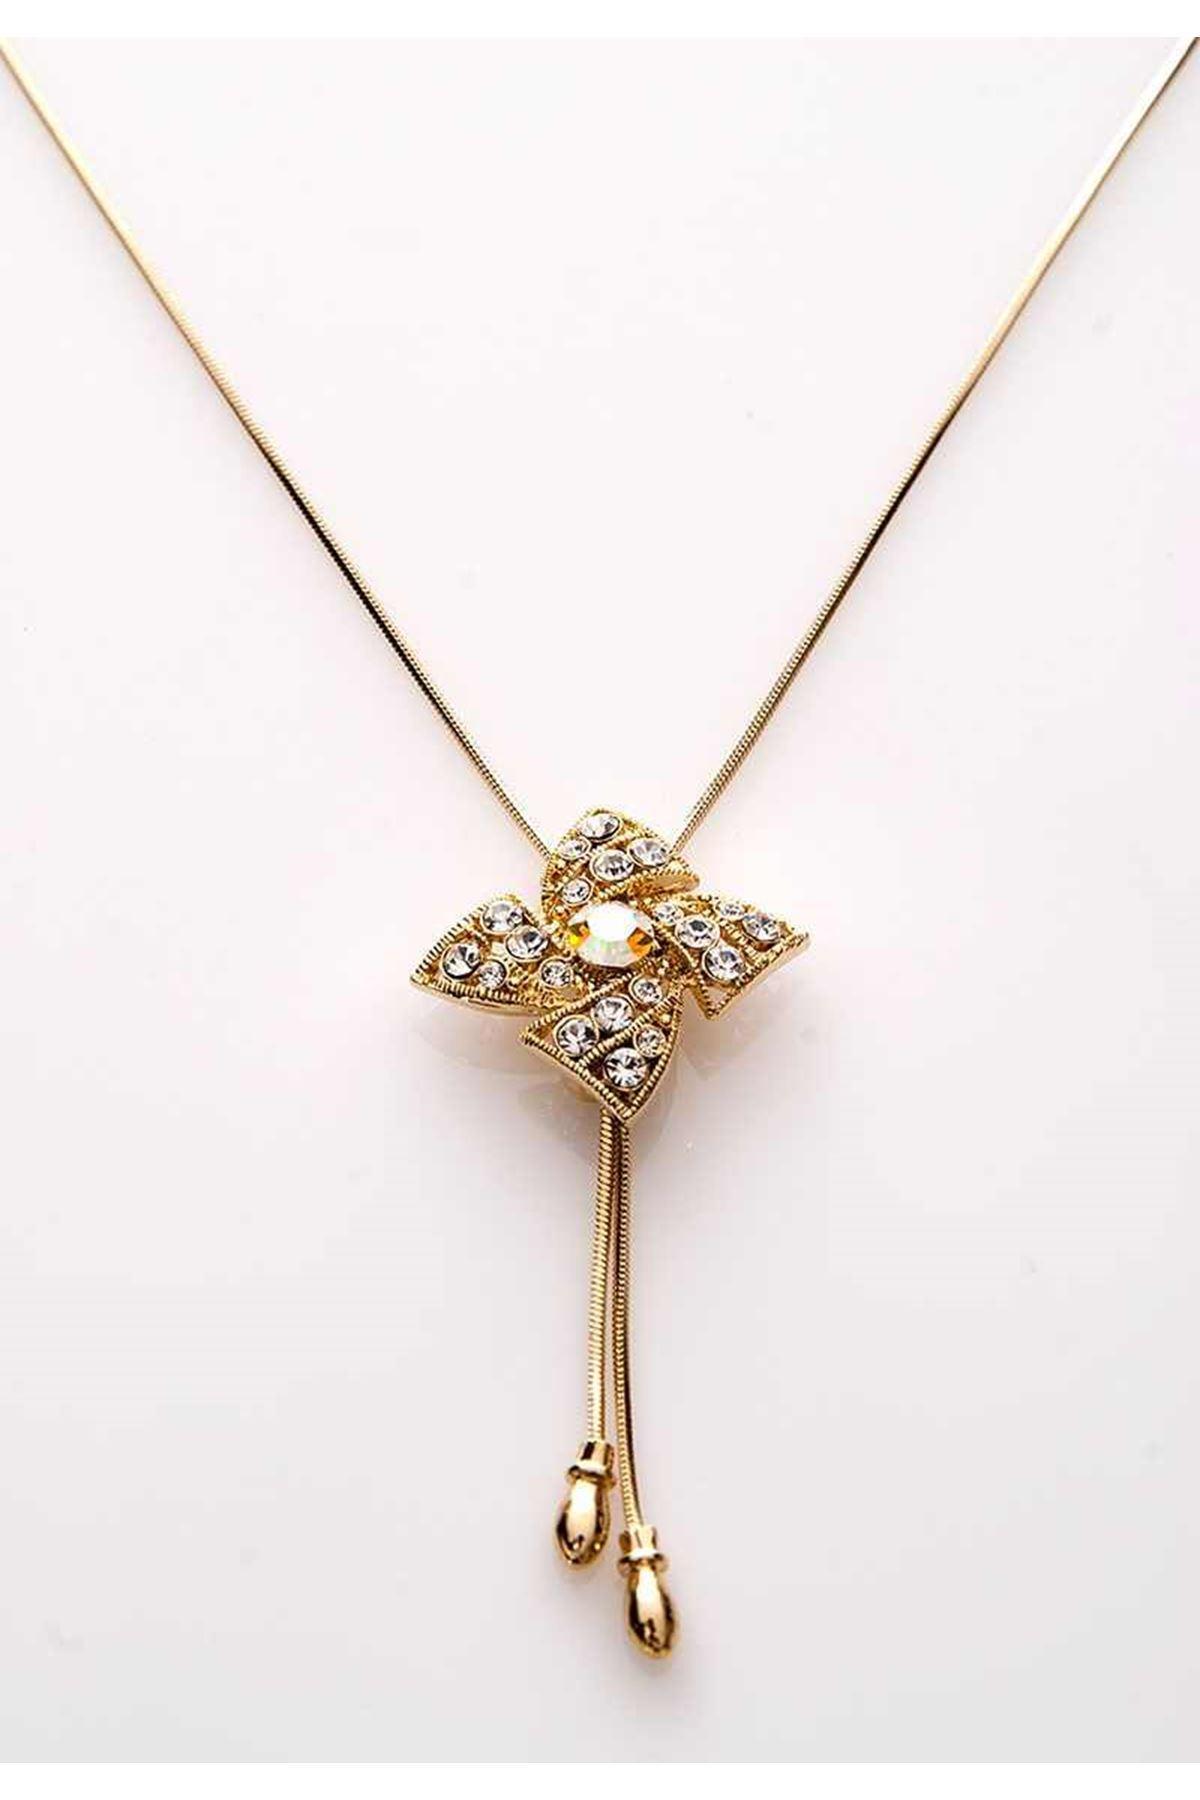 Gold Taşlı Yıldız Kolye 11Ç-107824